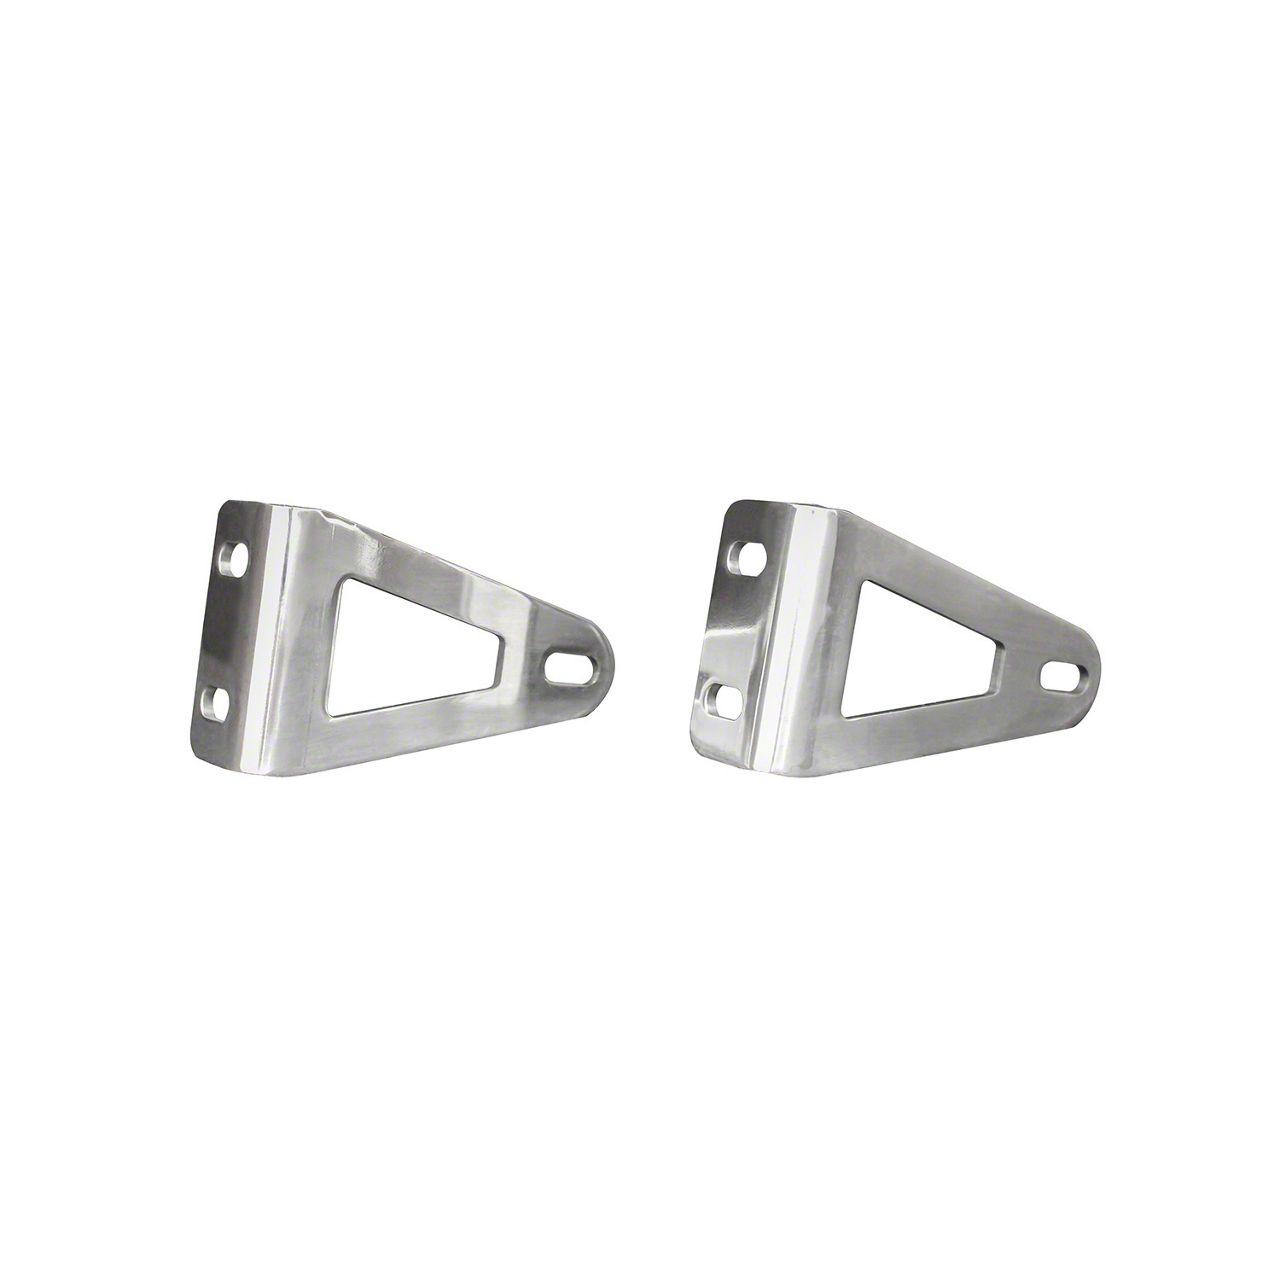 Westin HDX Grille Guard LED Light Bracket for 20 or 30 in. LED Light Bar - Stainless Steel (07-18 Sierra 1500)